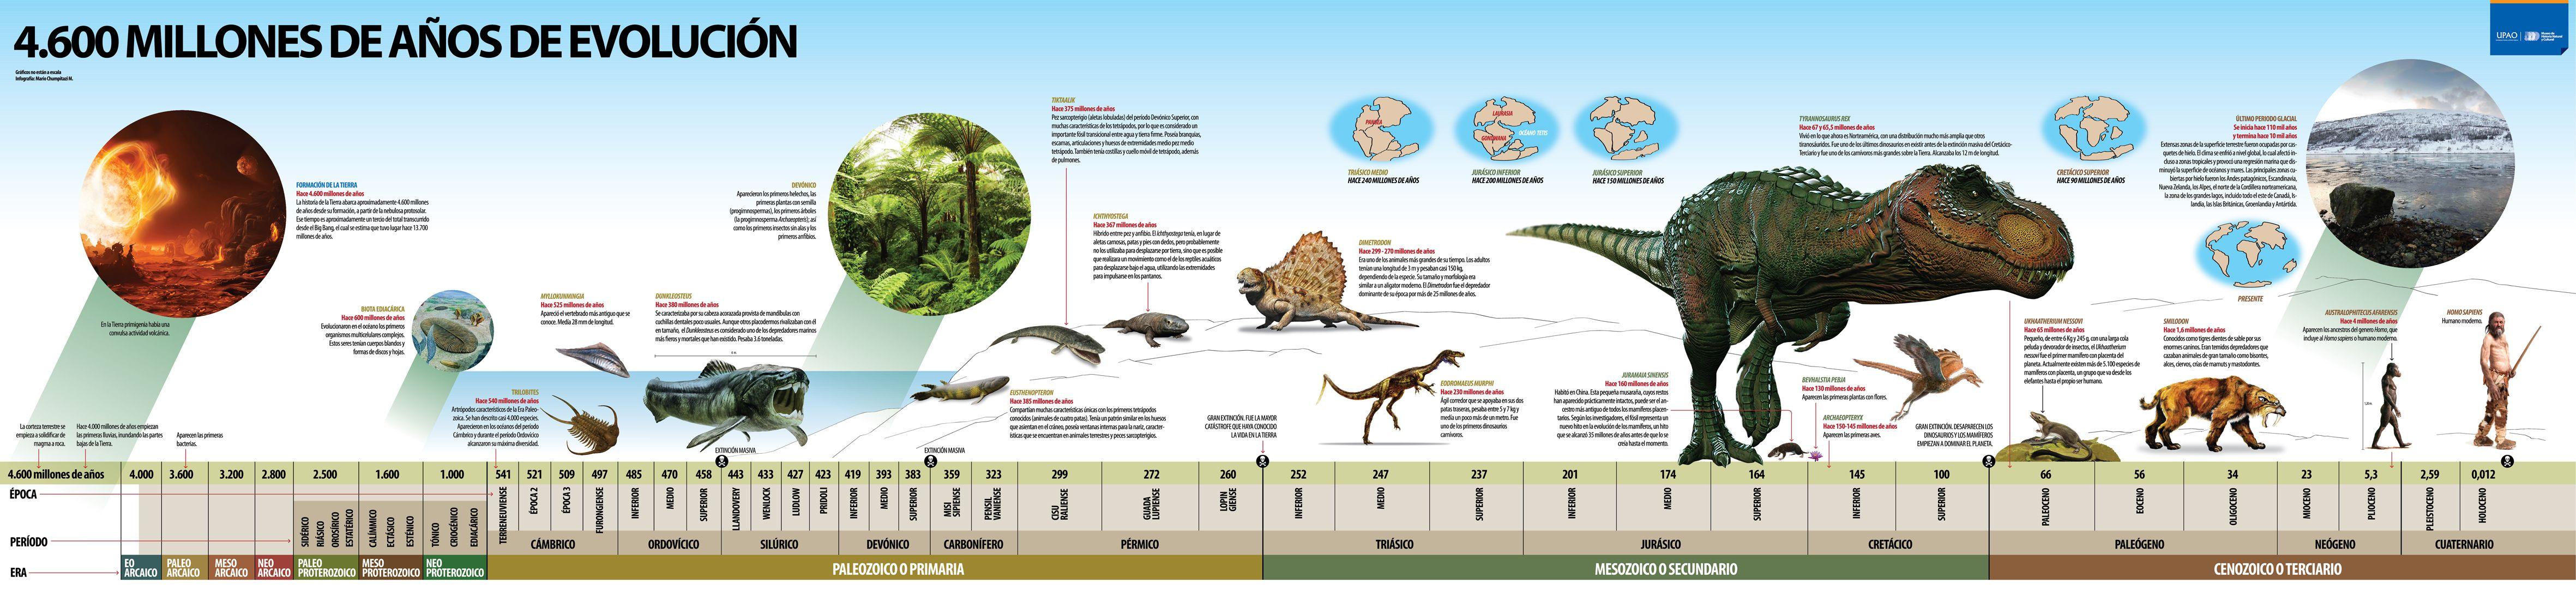 Evolución de la vida y la escala geológica. | Historia | Pinterest ...